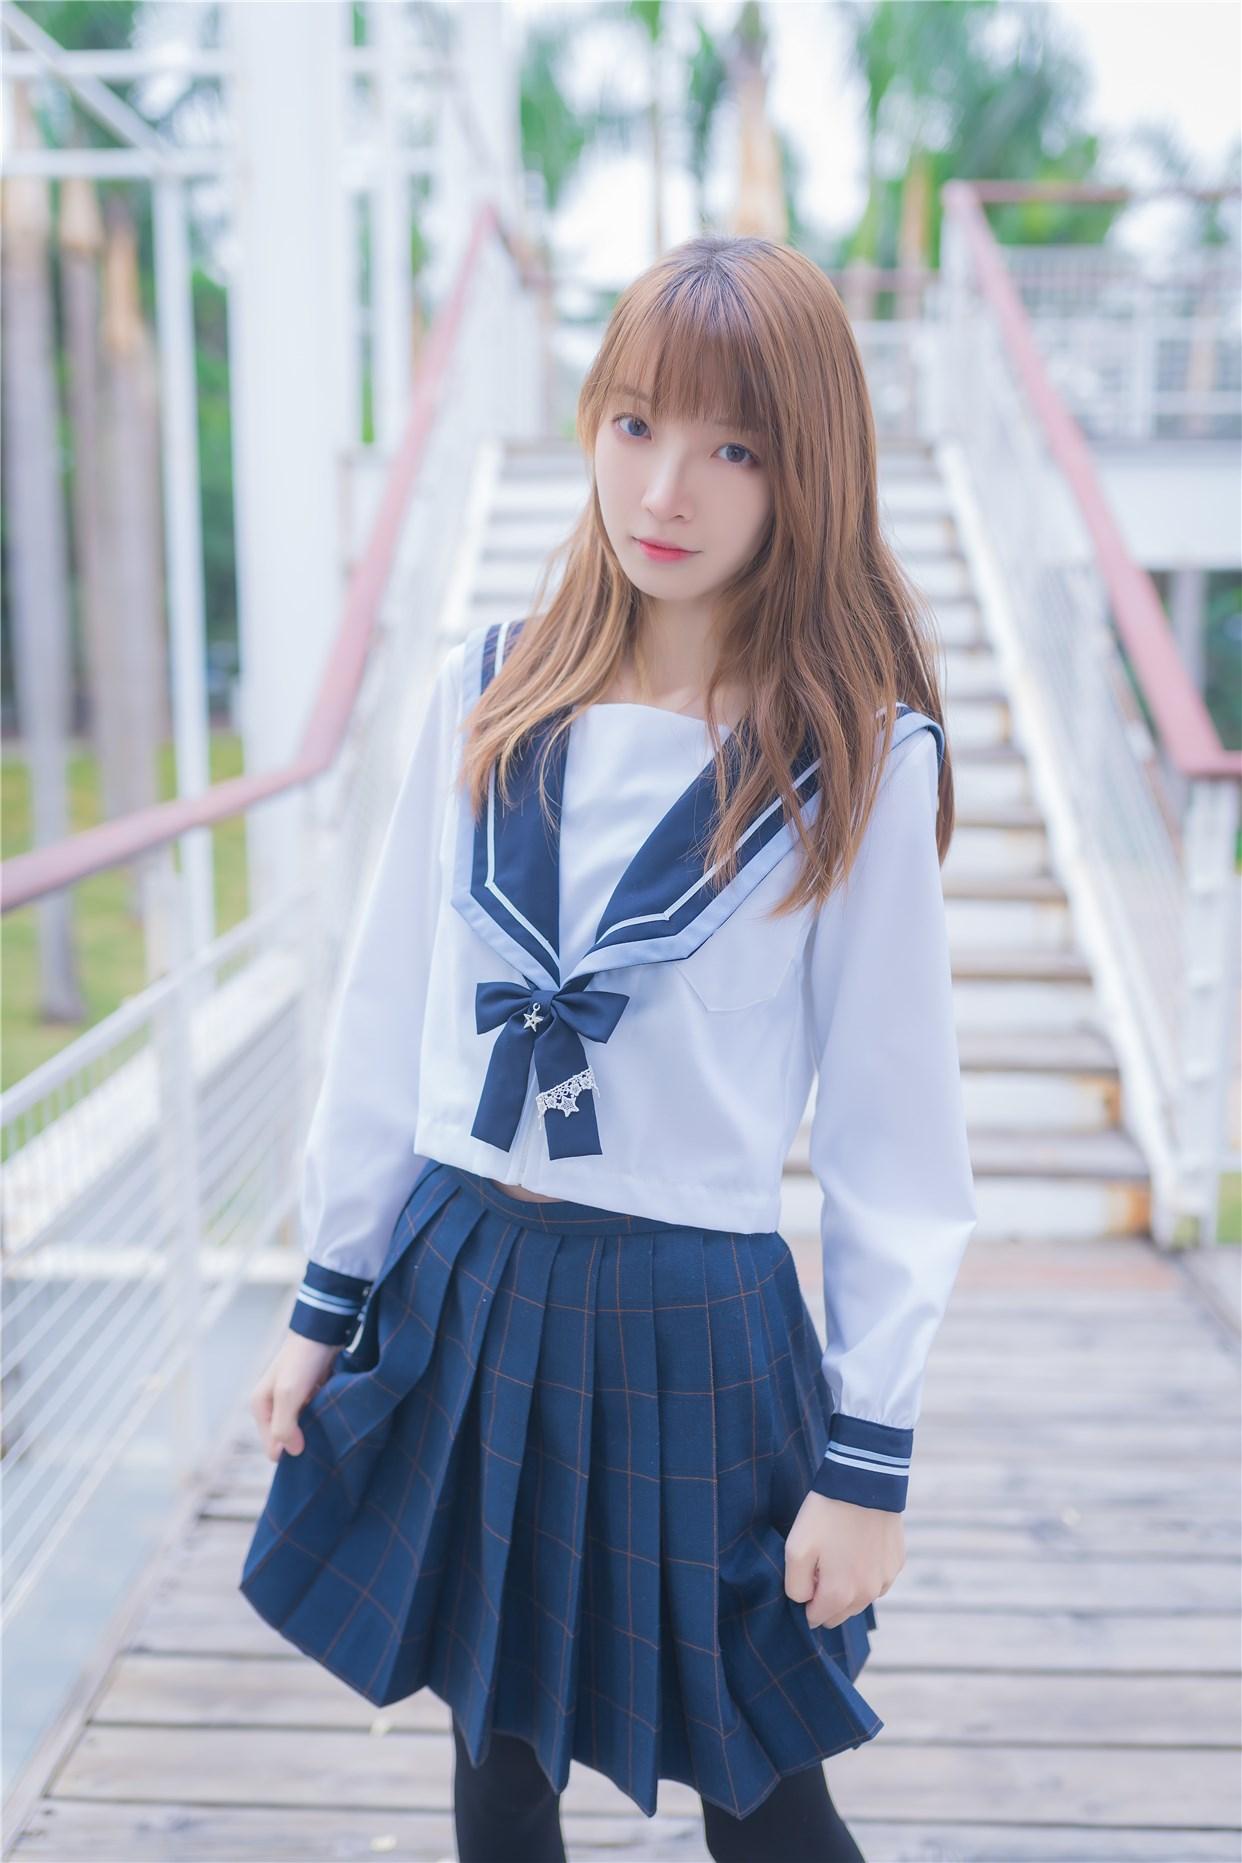 【兔玩映画】小清新JK少女 兔玩映画 第39张